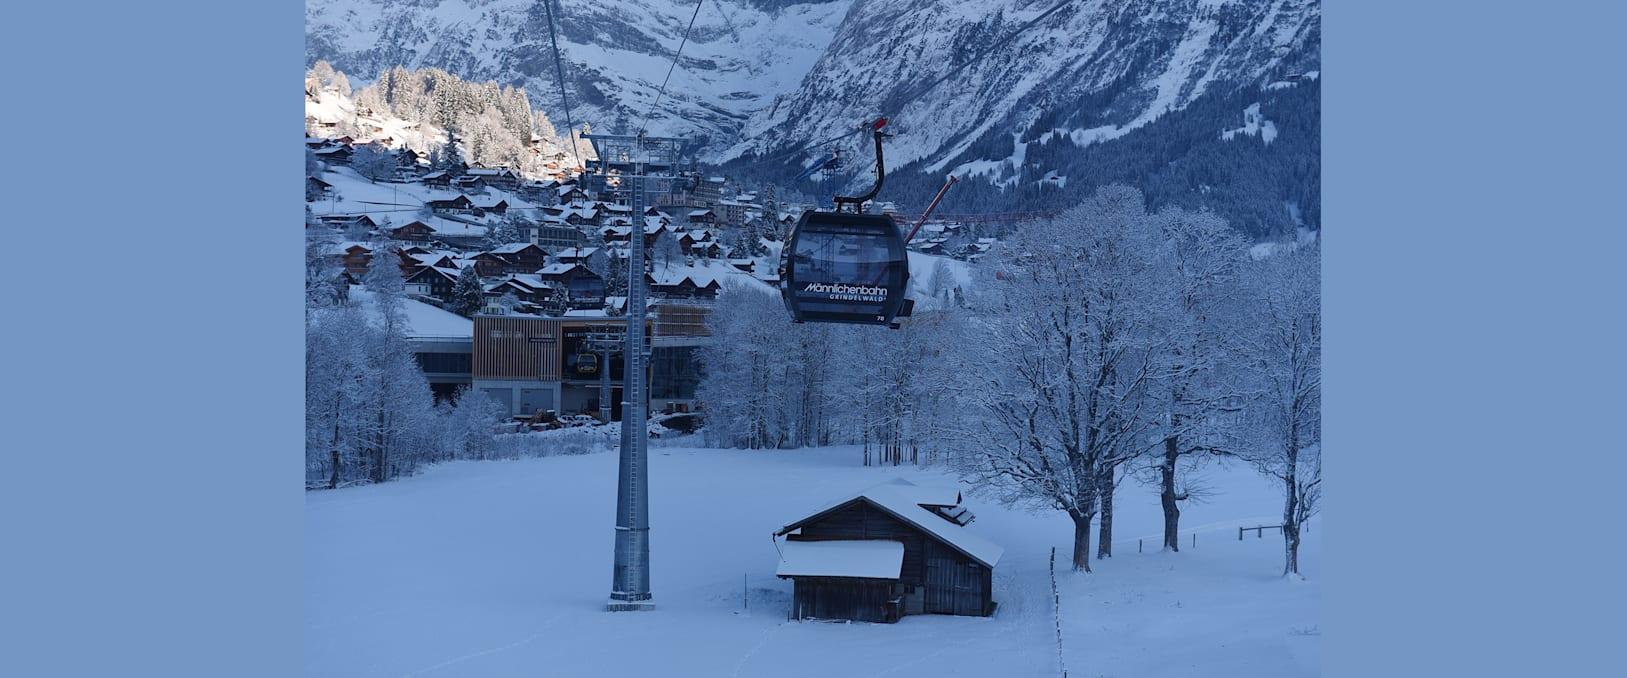 V Bahn GGM Blick zur Talstatio Grindelwald Terminal